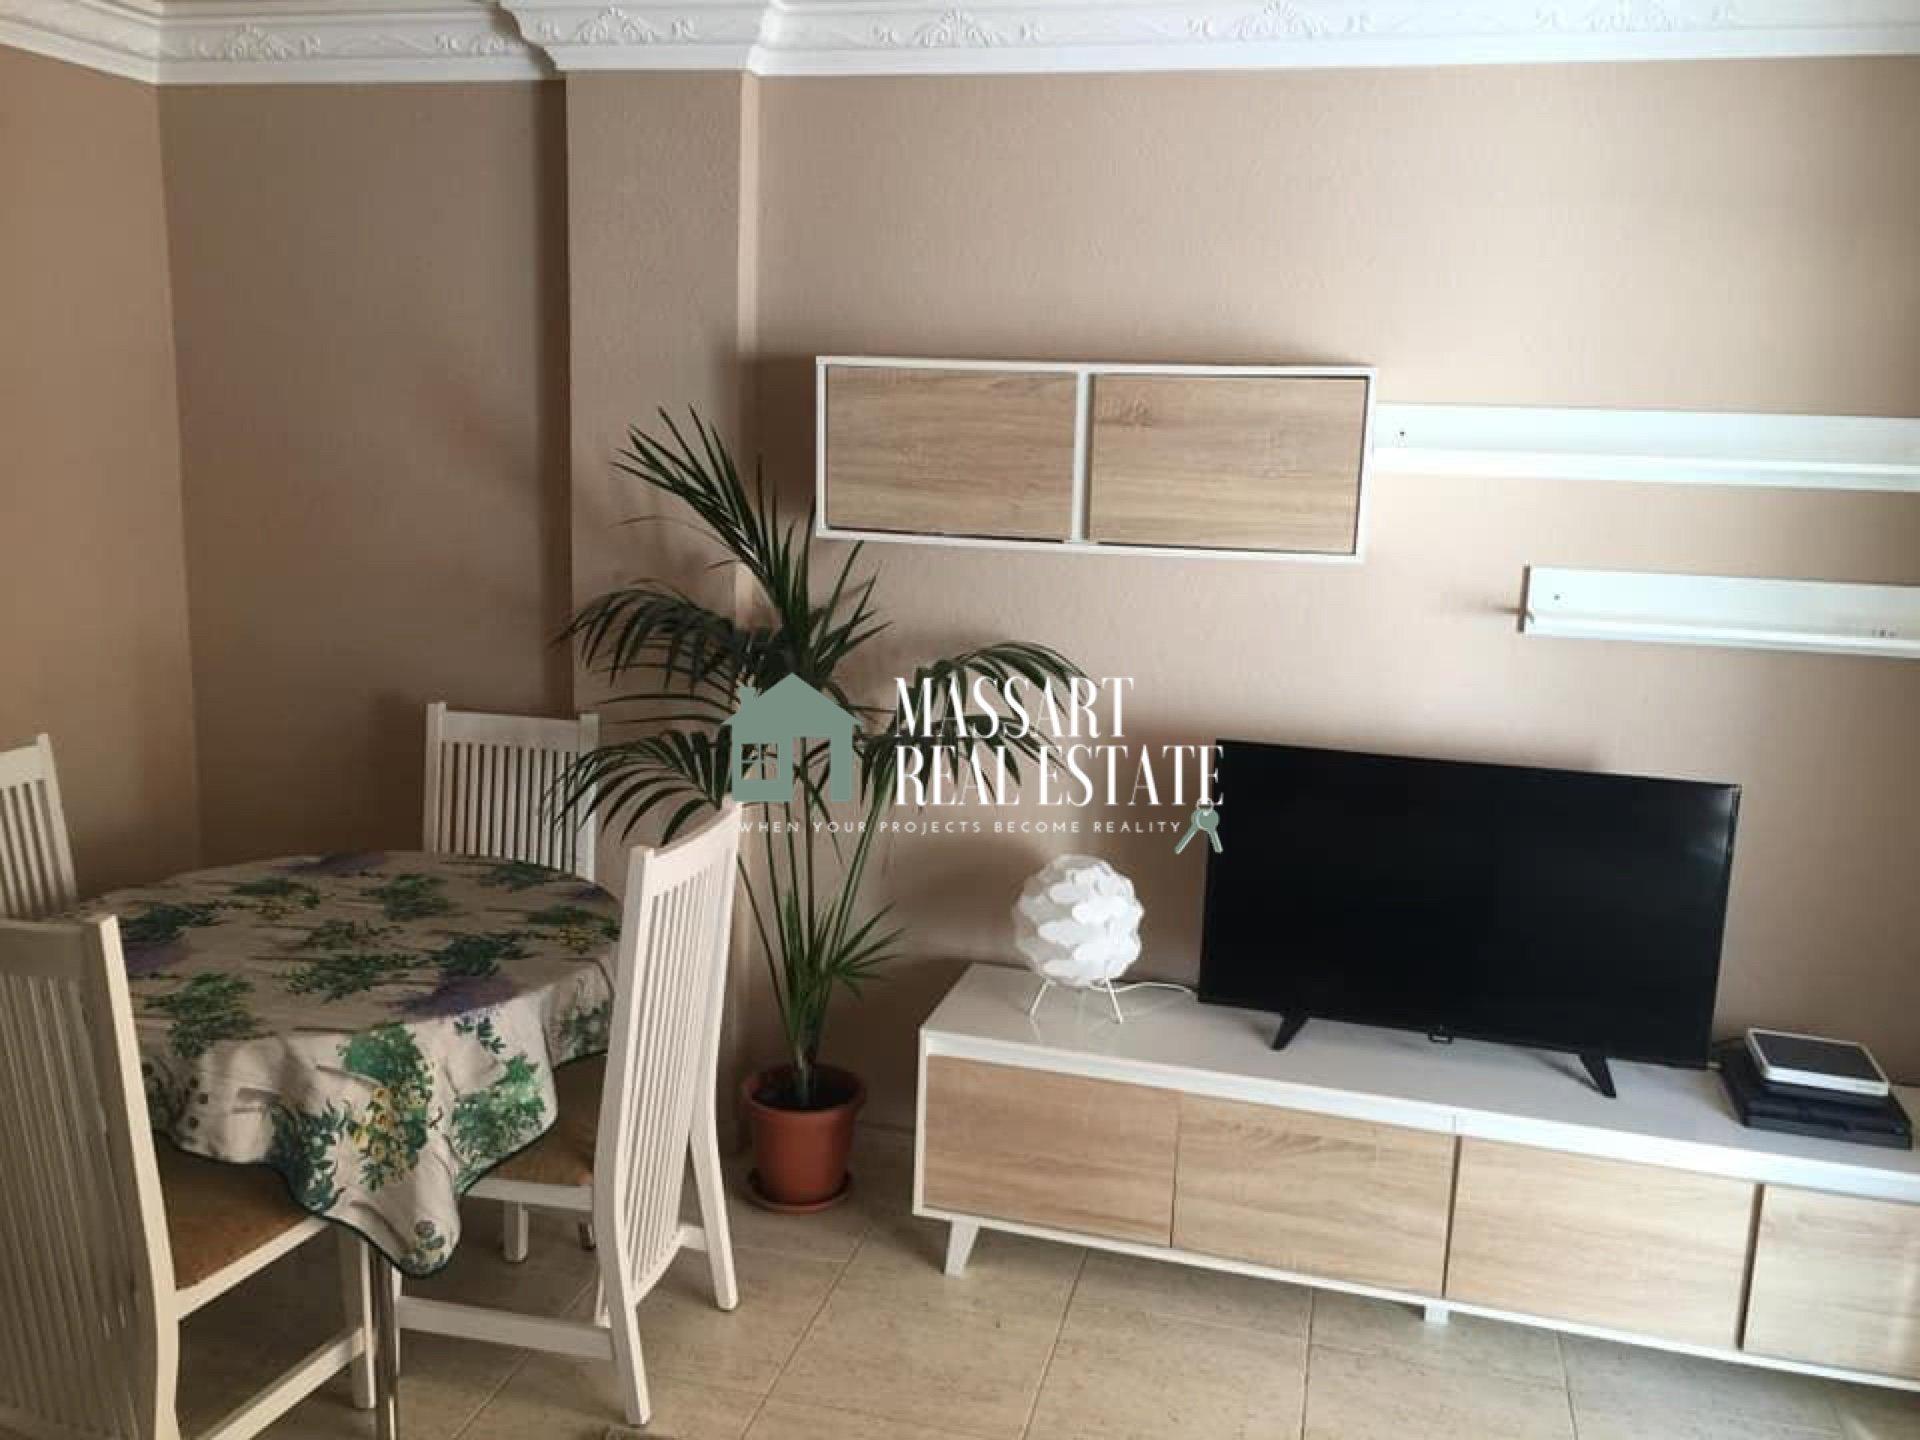 Duplex di 75 m2 in vendita a Callao Salvaje, nel complesso residenziale Arco Iris, a soli 5 minuti a piedi dalla spiaggia!